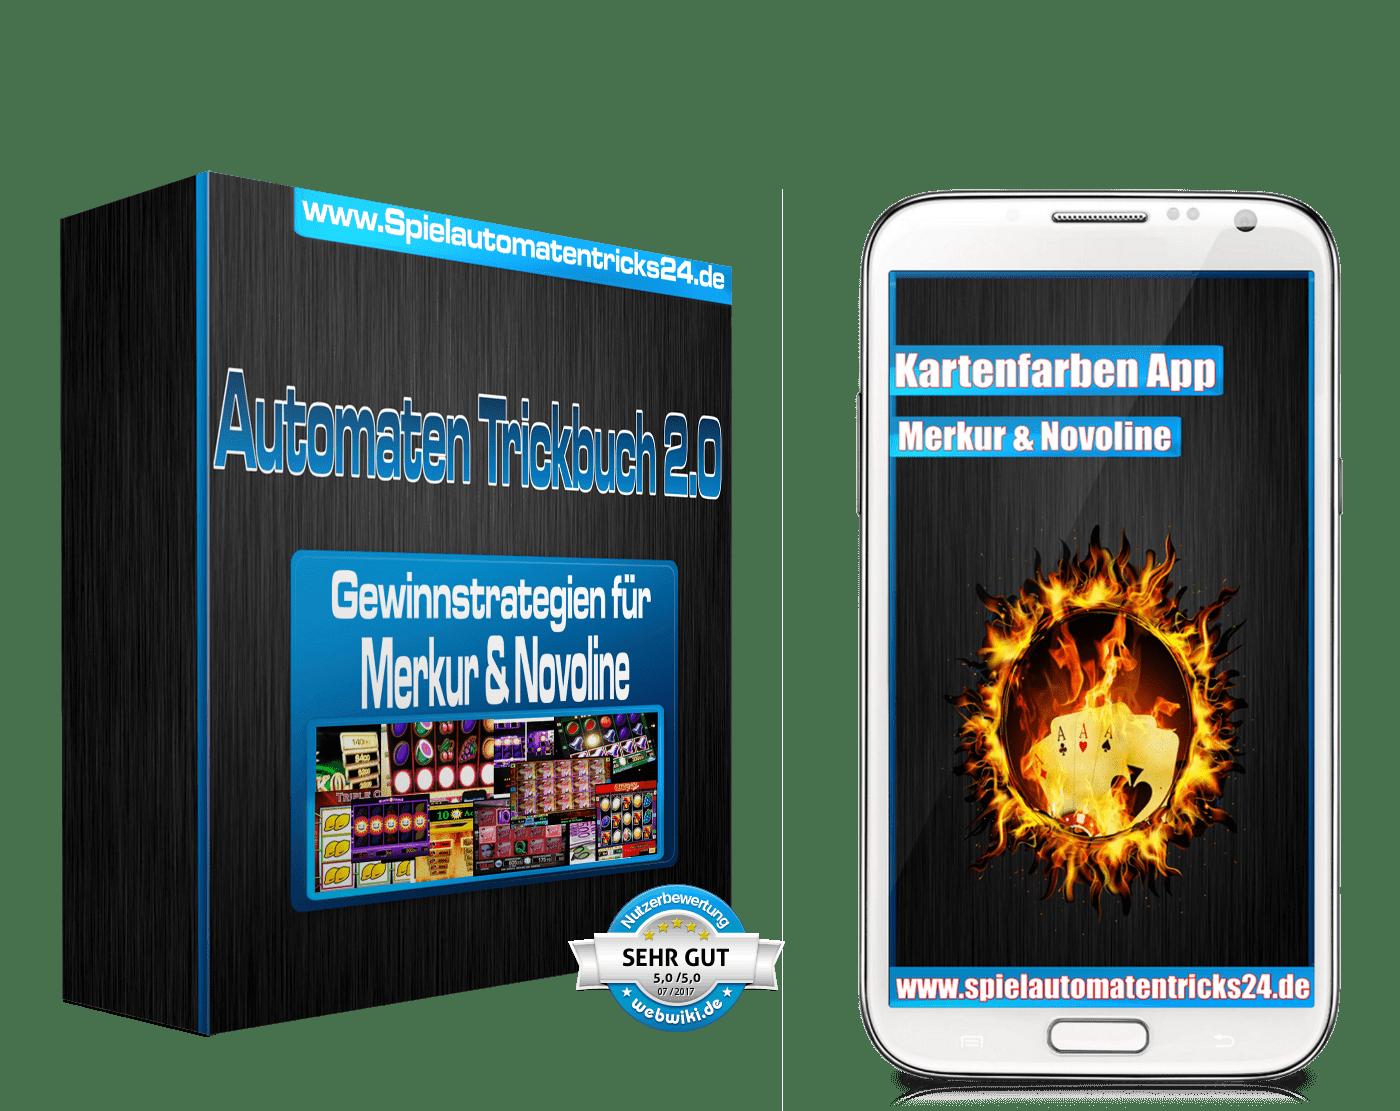 Kartenfarben App und Spielautomaten Trickbuch